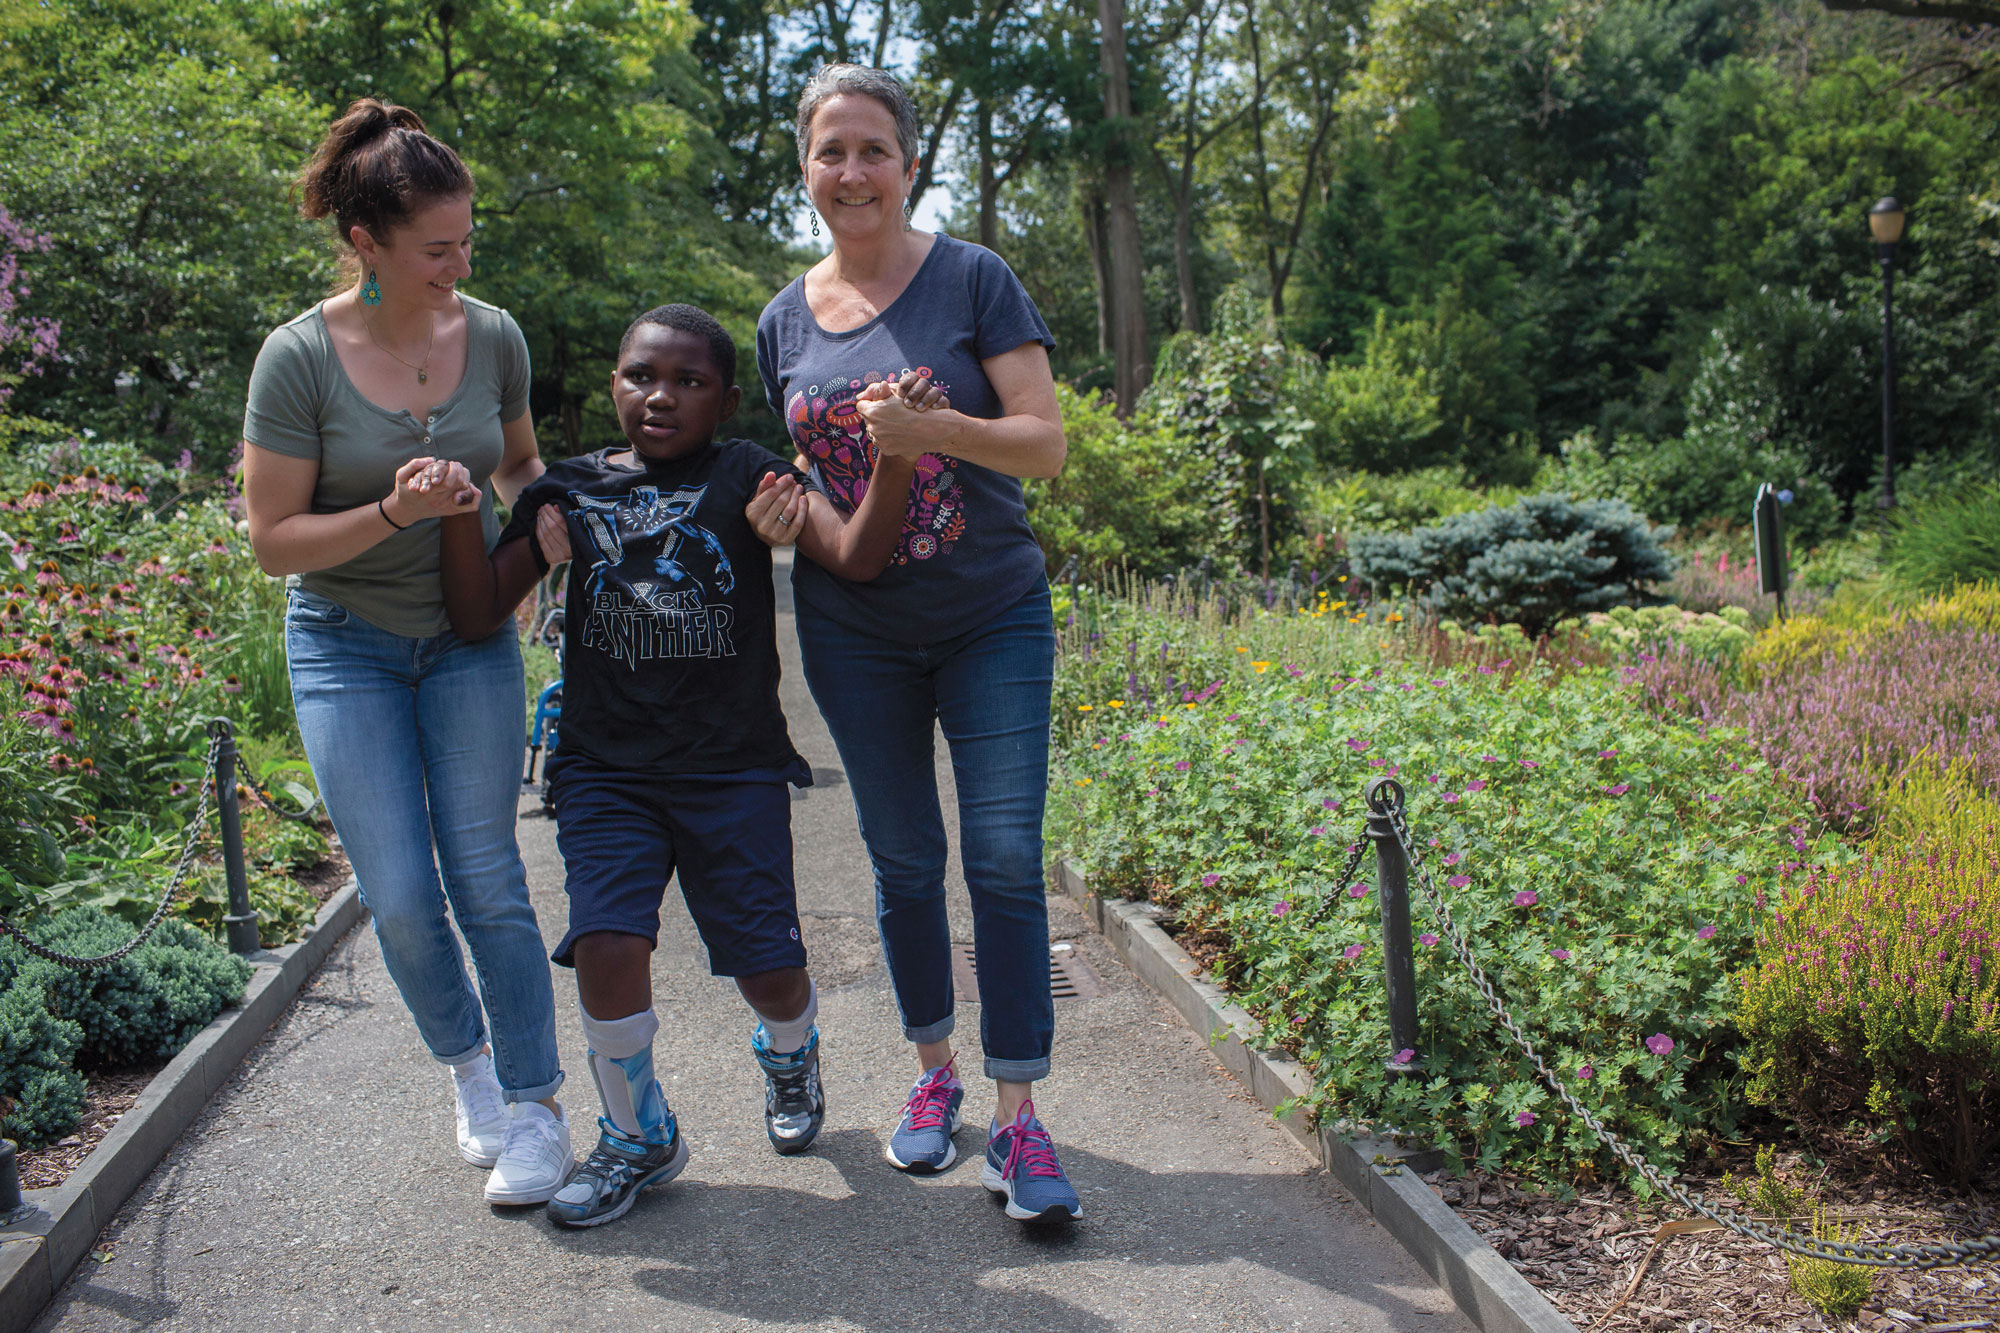 Sarah Weltz, Sandra Joy Stein, and Stein's son walking down a garden path